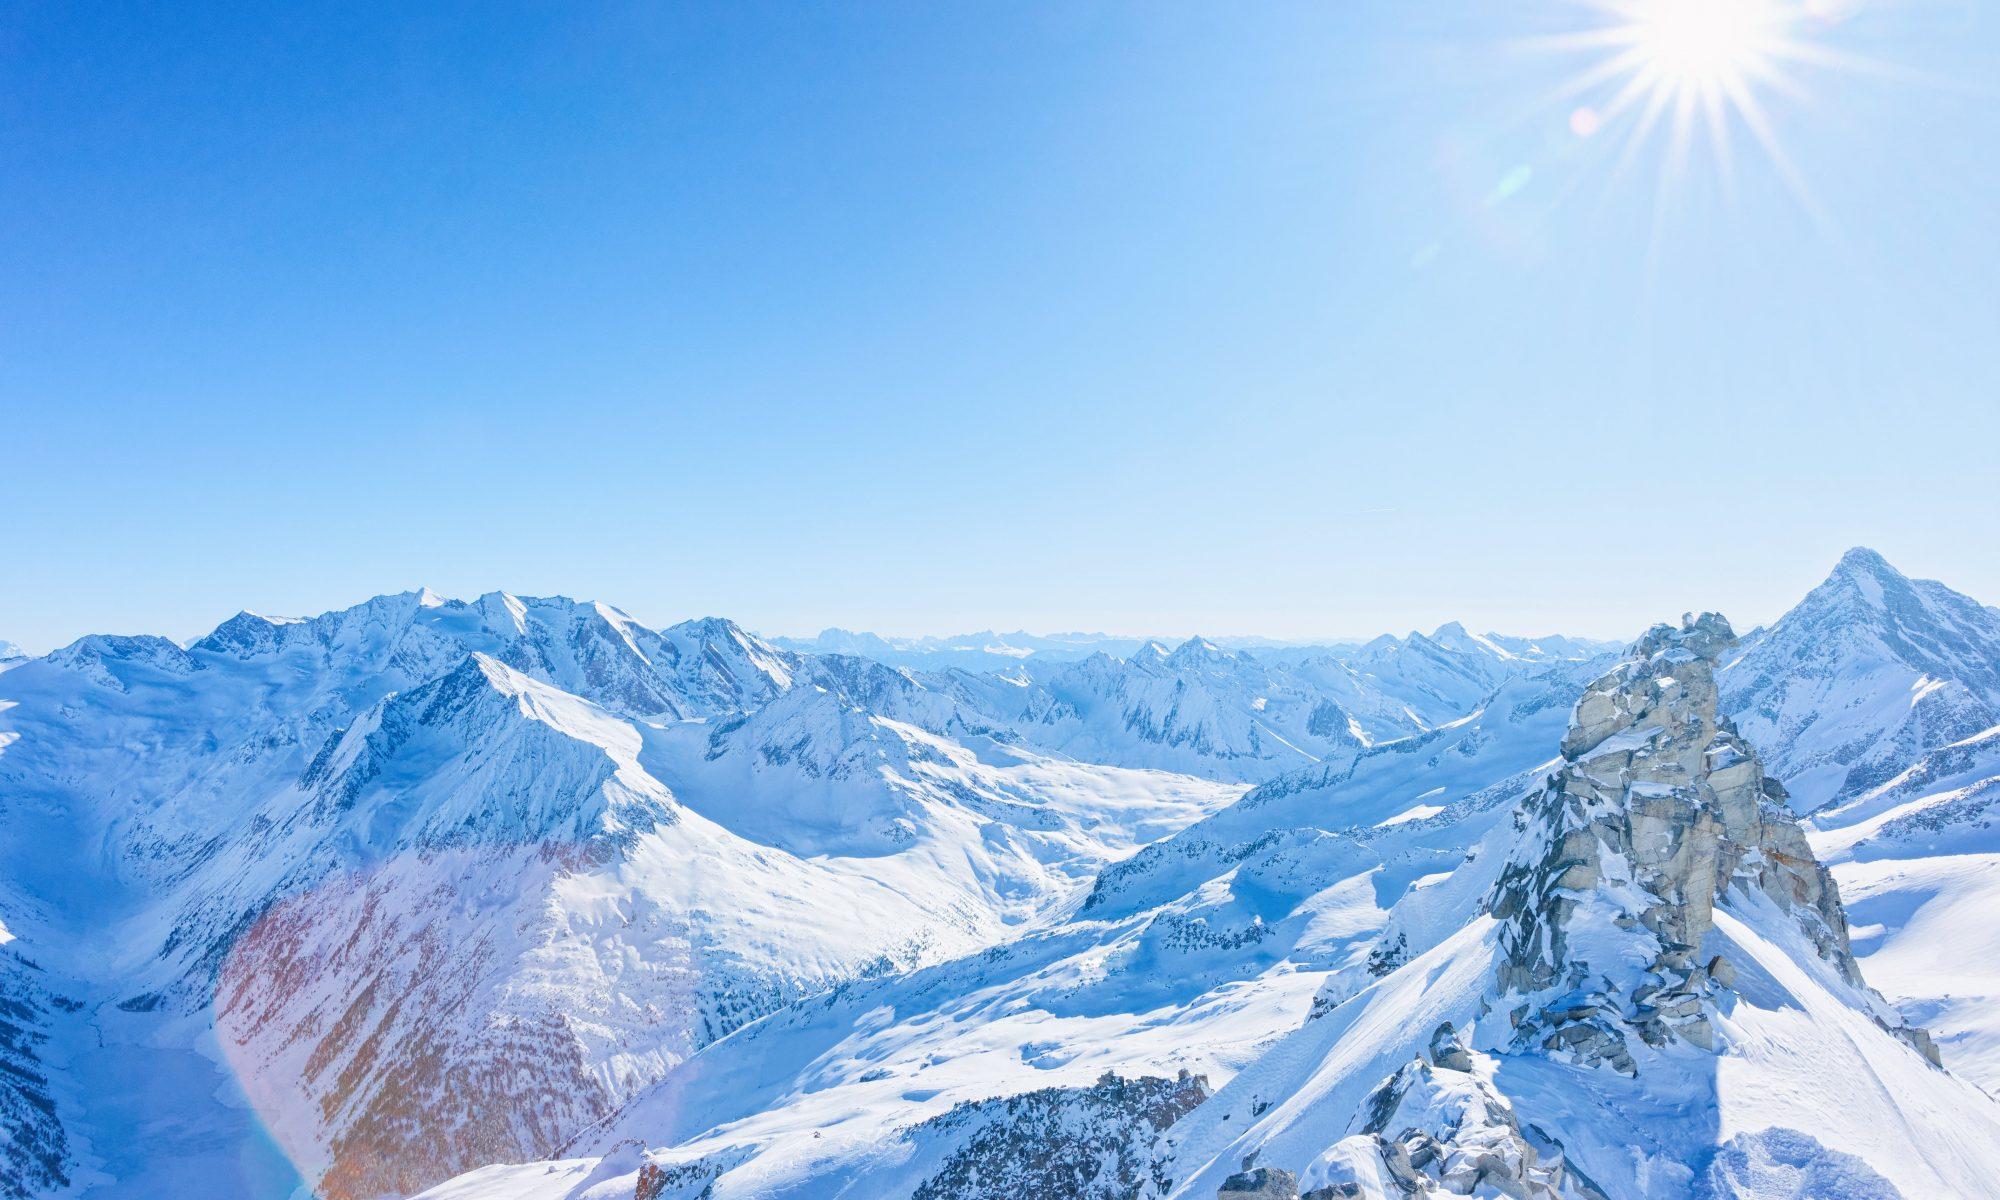 Ein traumhafter Blick auf das Bergpanorama rund um Mayrhofen in Tirol, wo die Skisaison 2020/21 trotz Covid-19 eine Sichere sein wird.